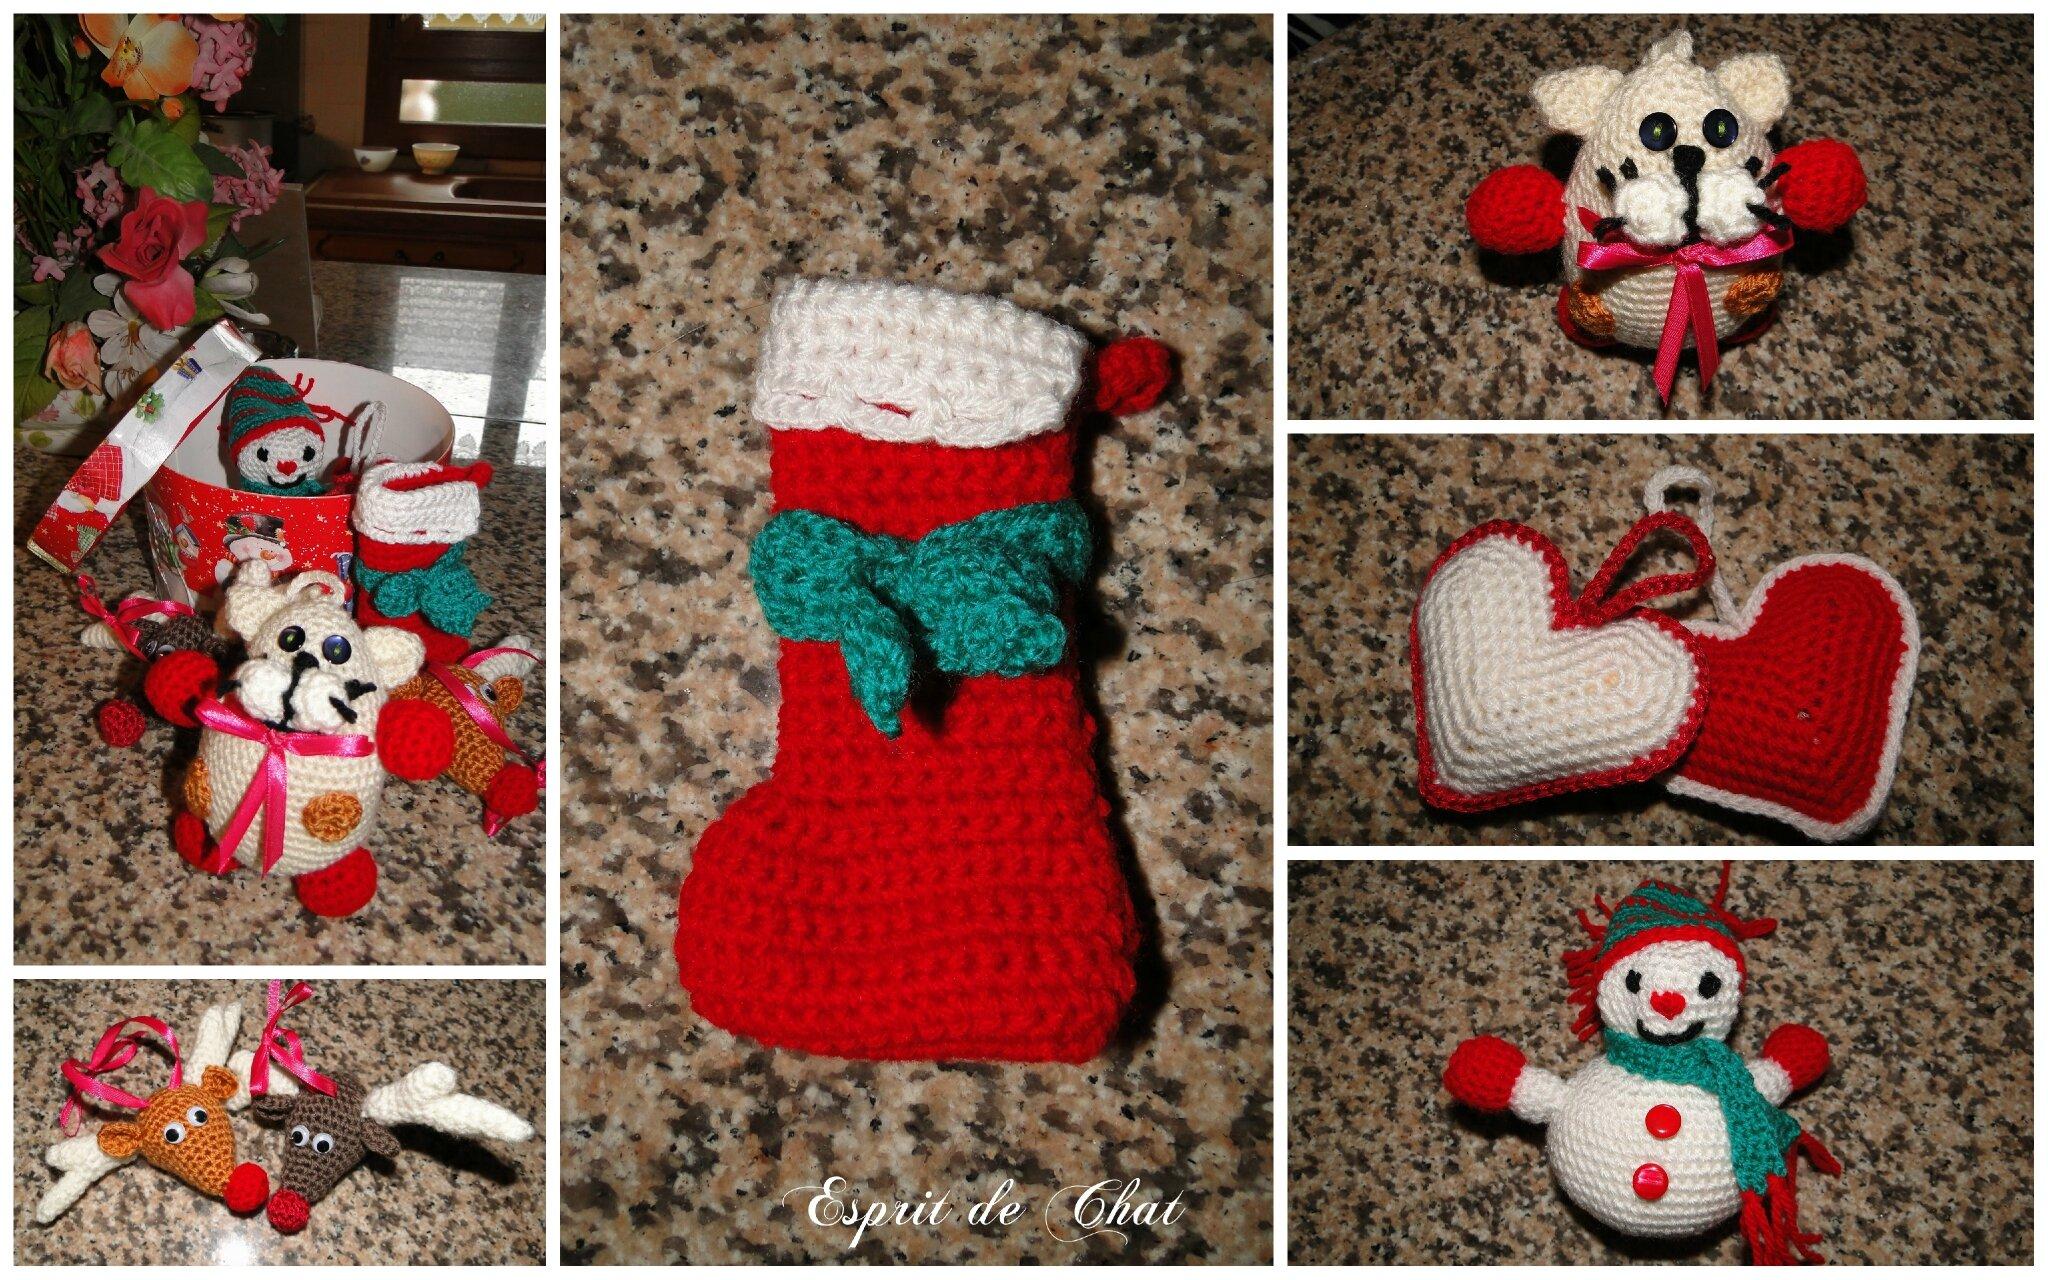 Deco Noel Crochet.Tuto Deco Noel Au Crochet Hotel De Nice